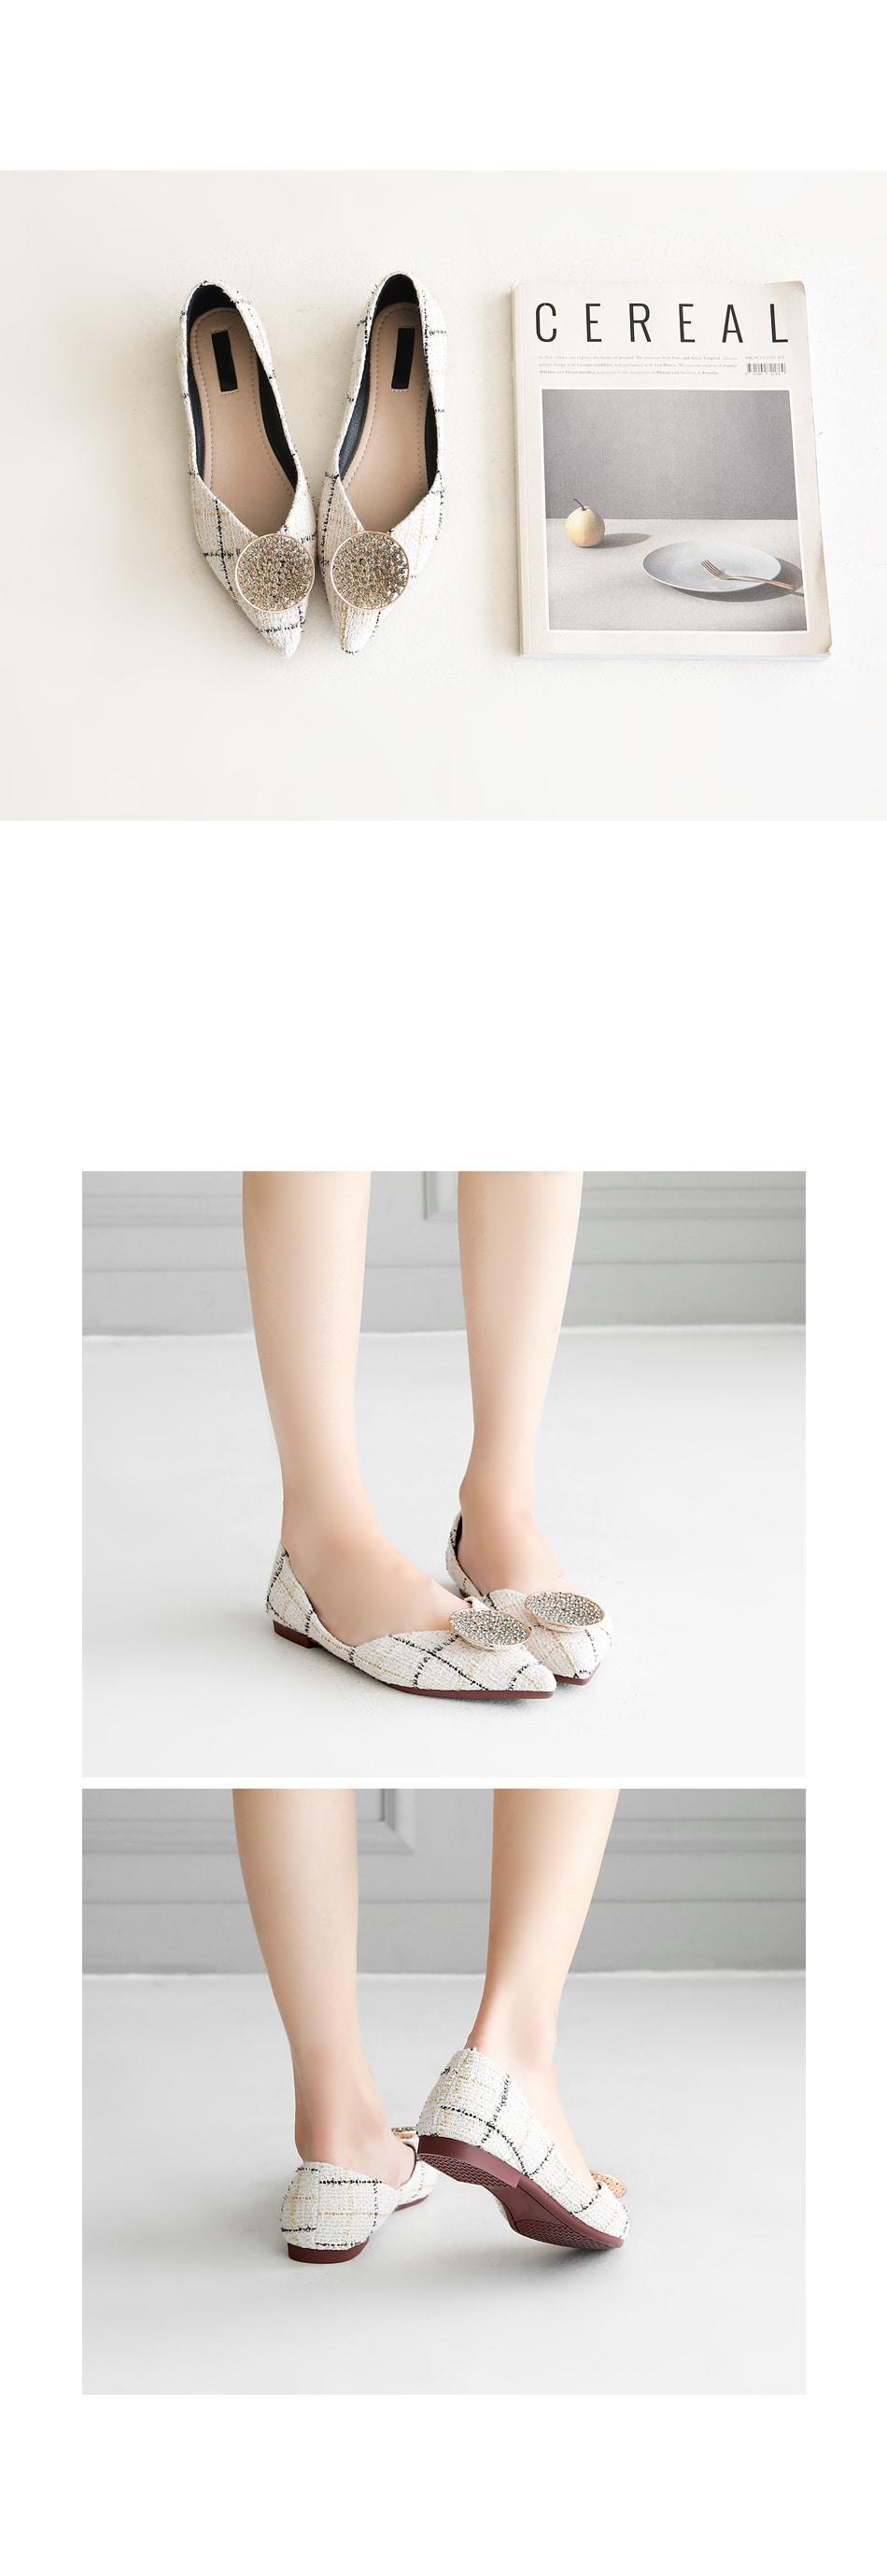 Gibela flat shoes 1cm